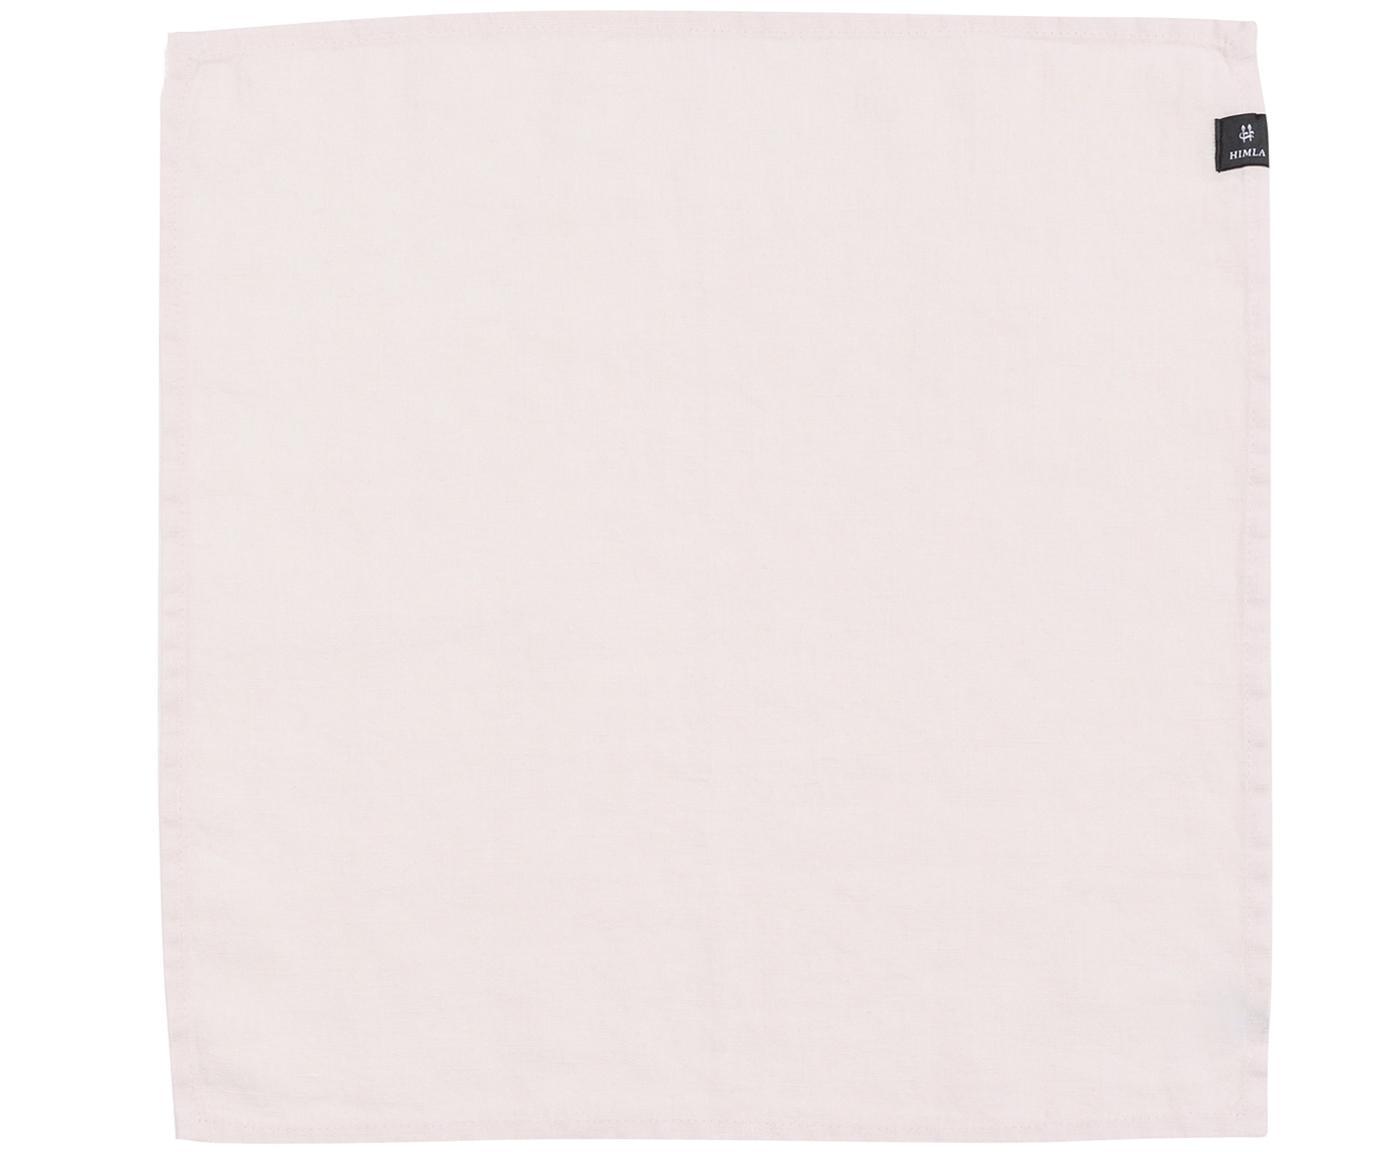 Tovagliolo in lino Sunshine 4 pz, Lino, Rosa, P 45 x L 45 cm